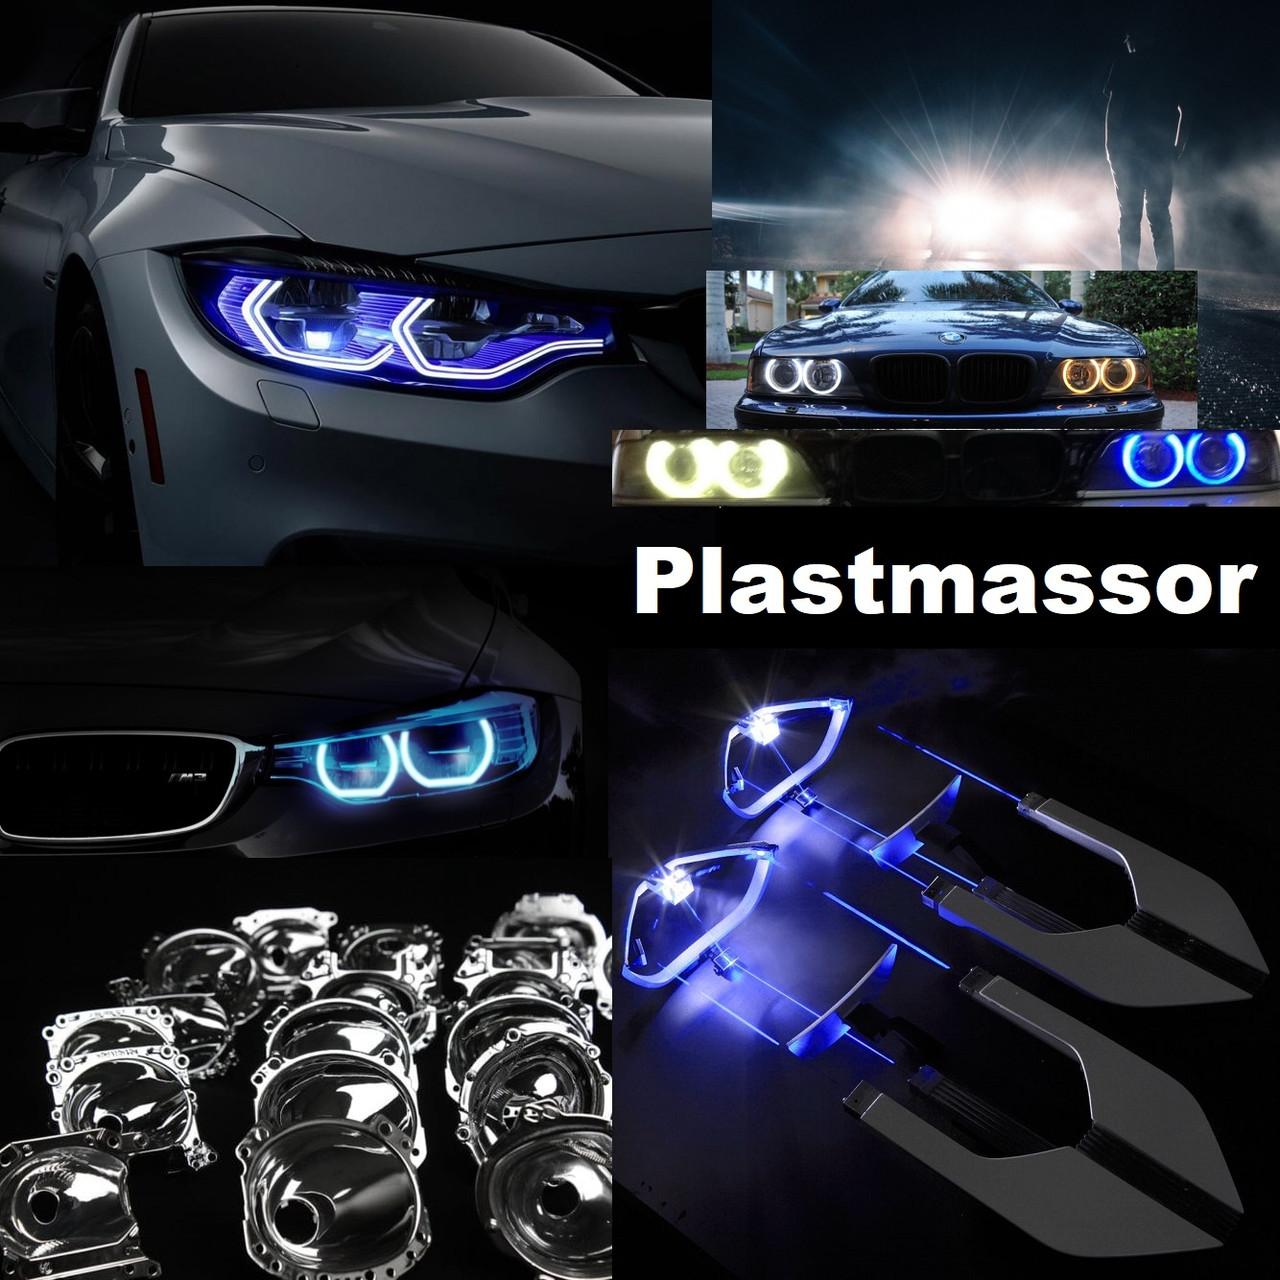 Ремонт Plastmassor вакуумная металлизация восстановление отражателей фар Toyota